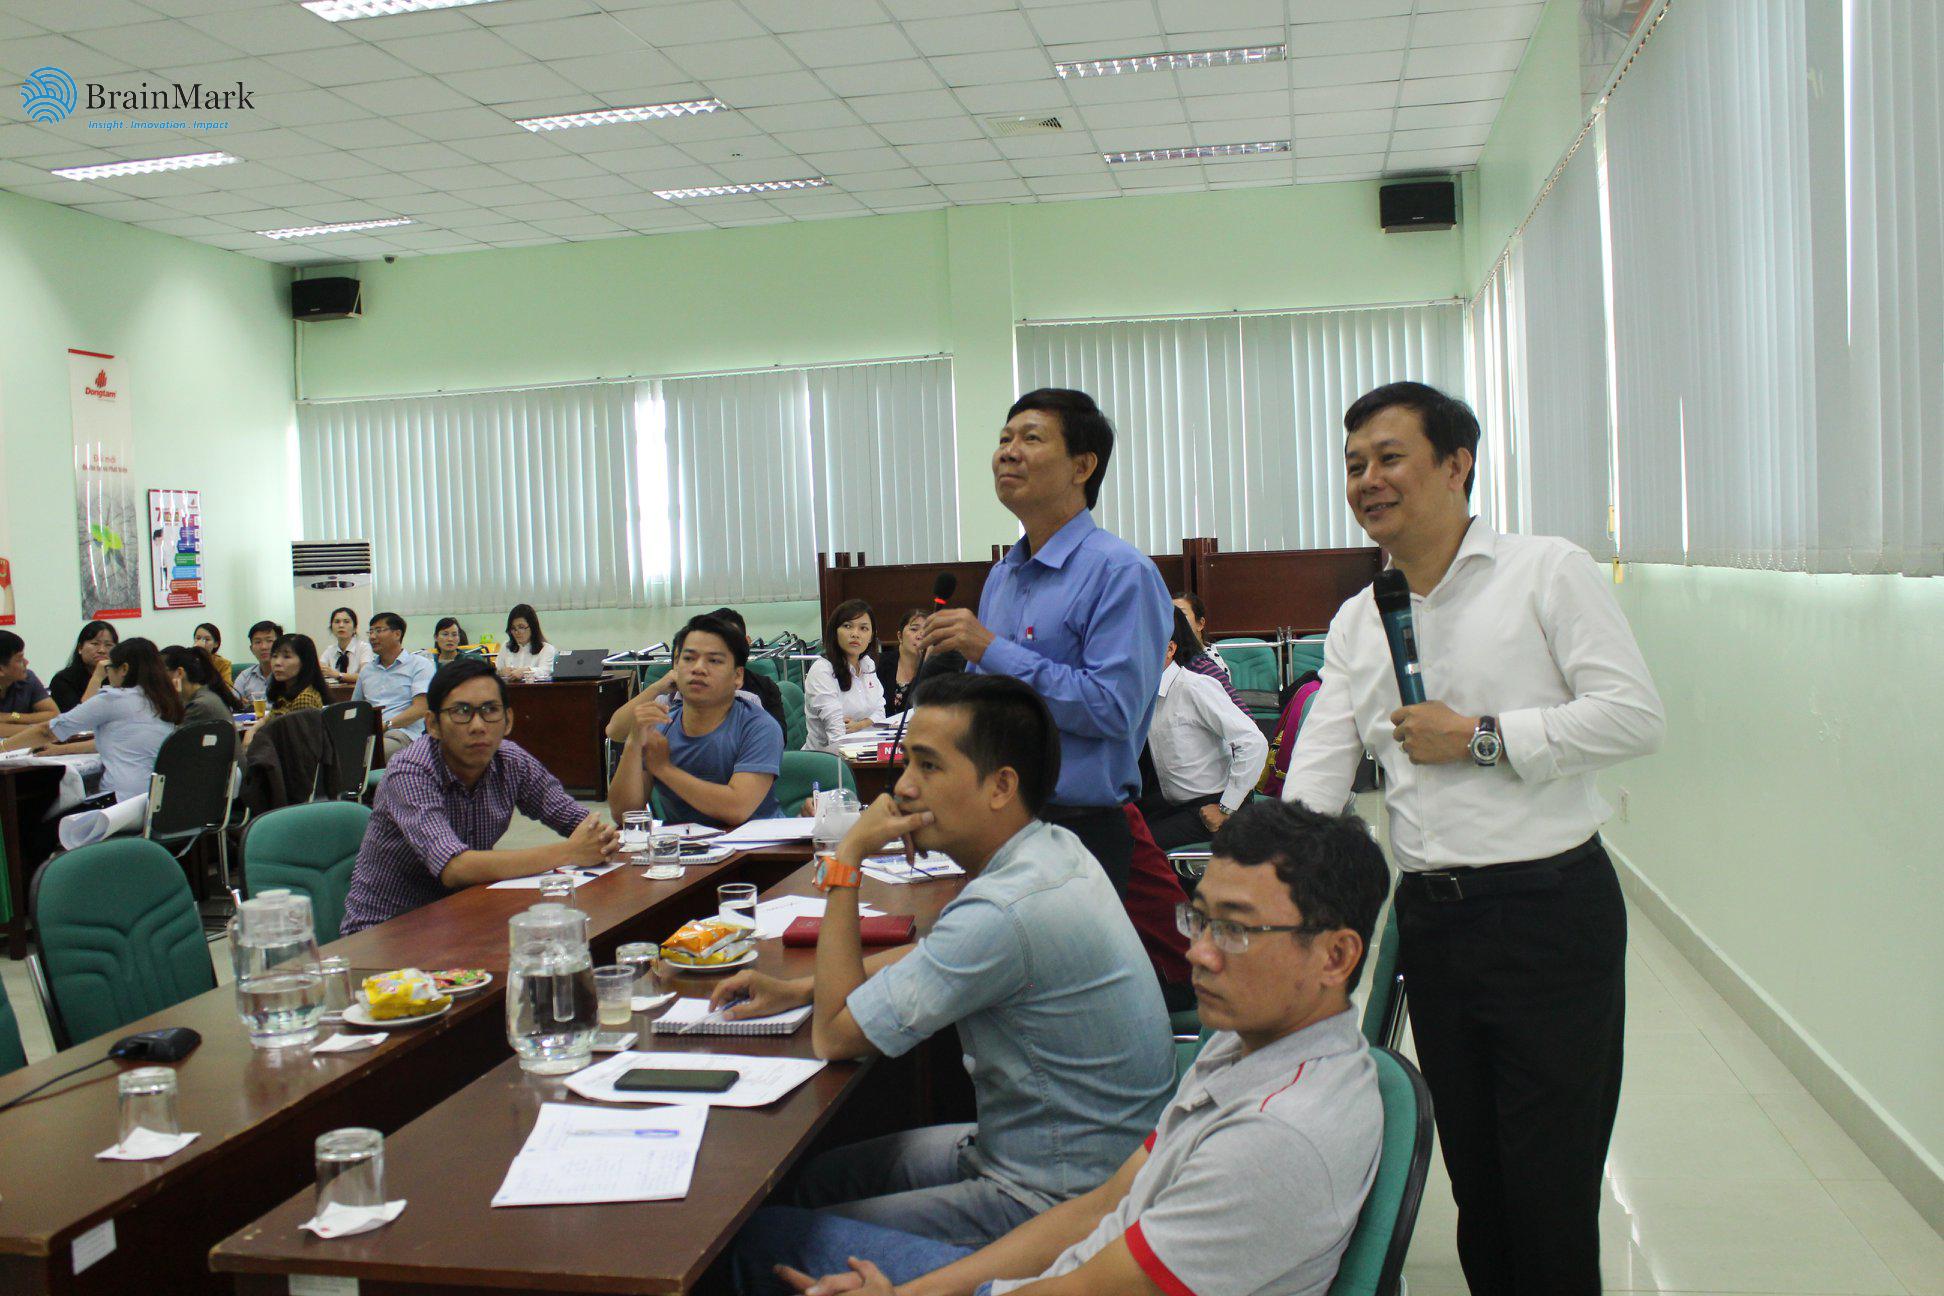 Đào tạo Quy trình phát triển và tung sản phẩm mới tại Tập đoàn Đồng Tâm